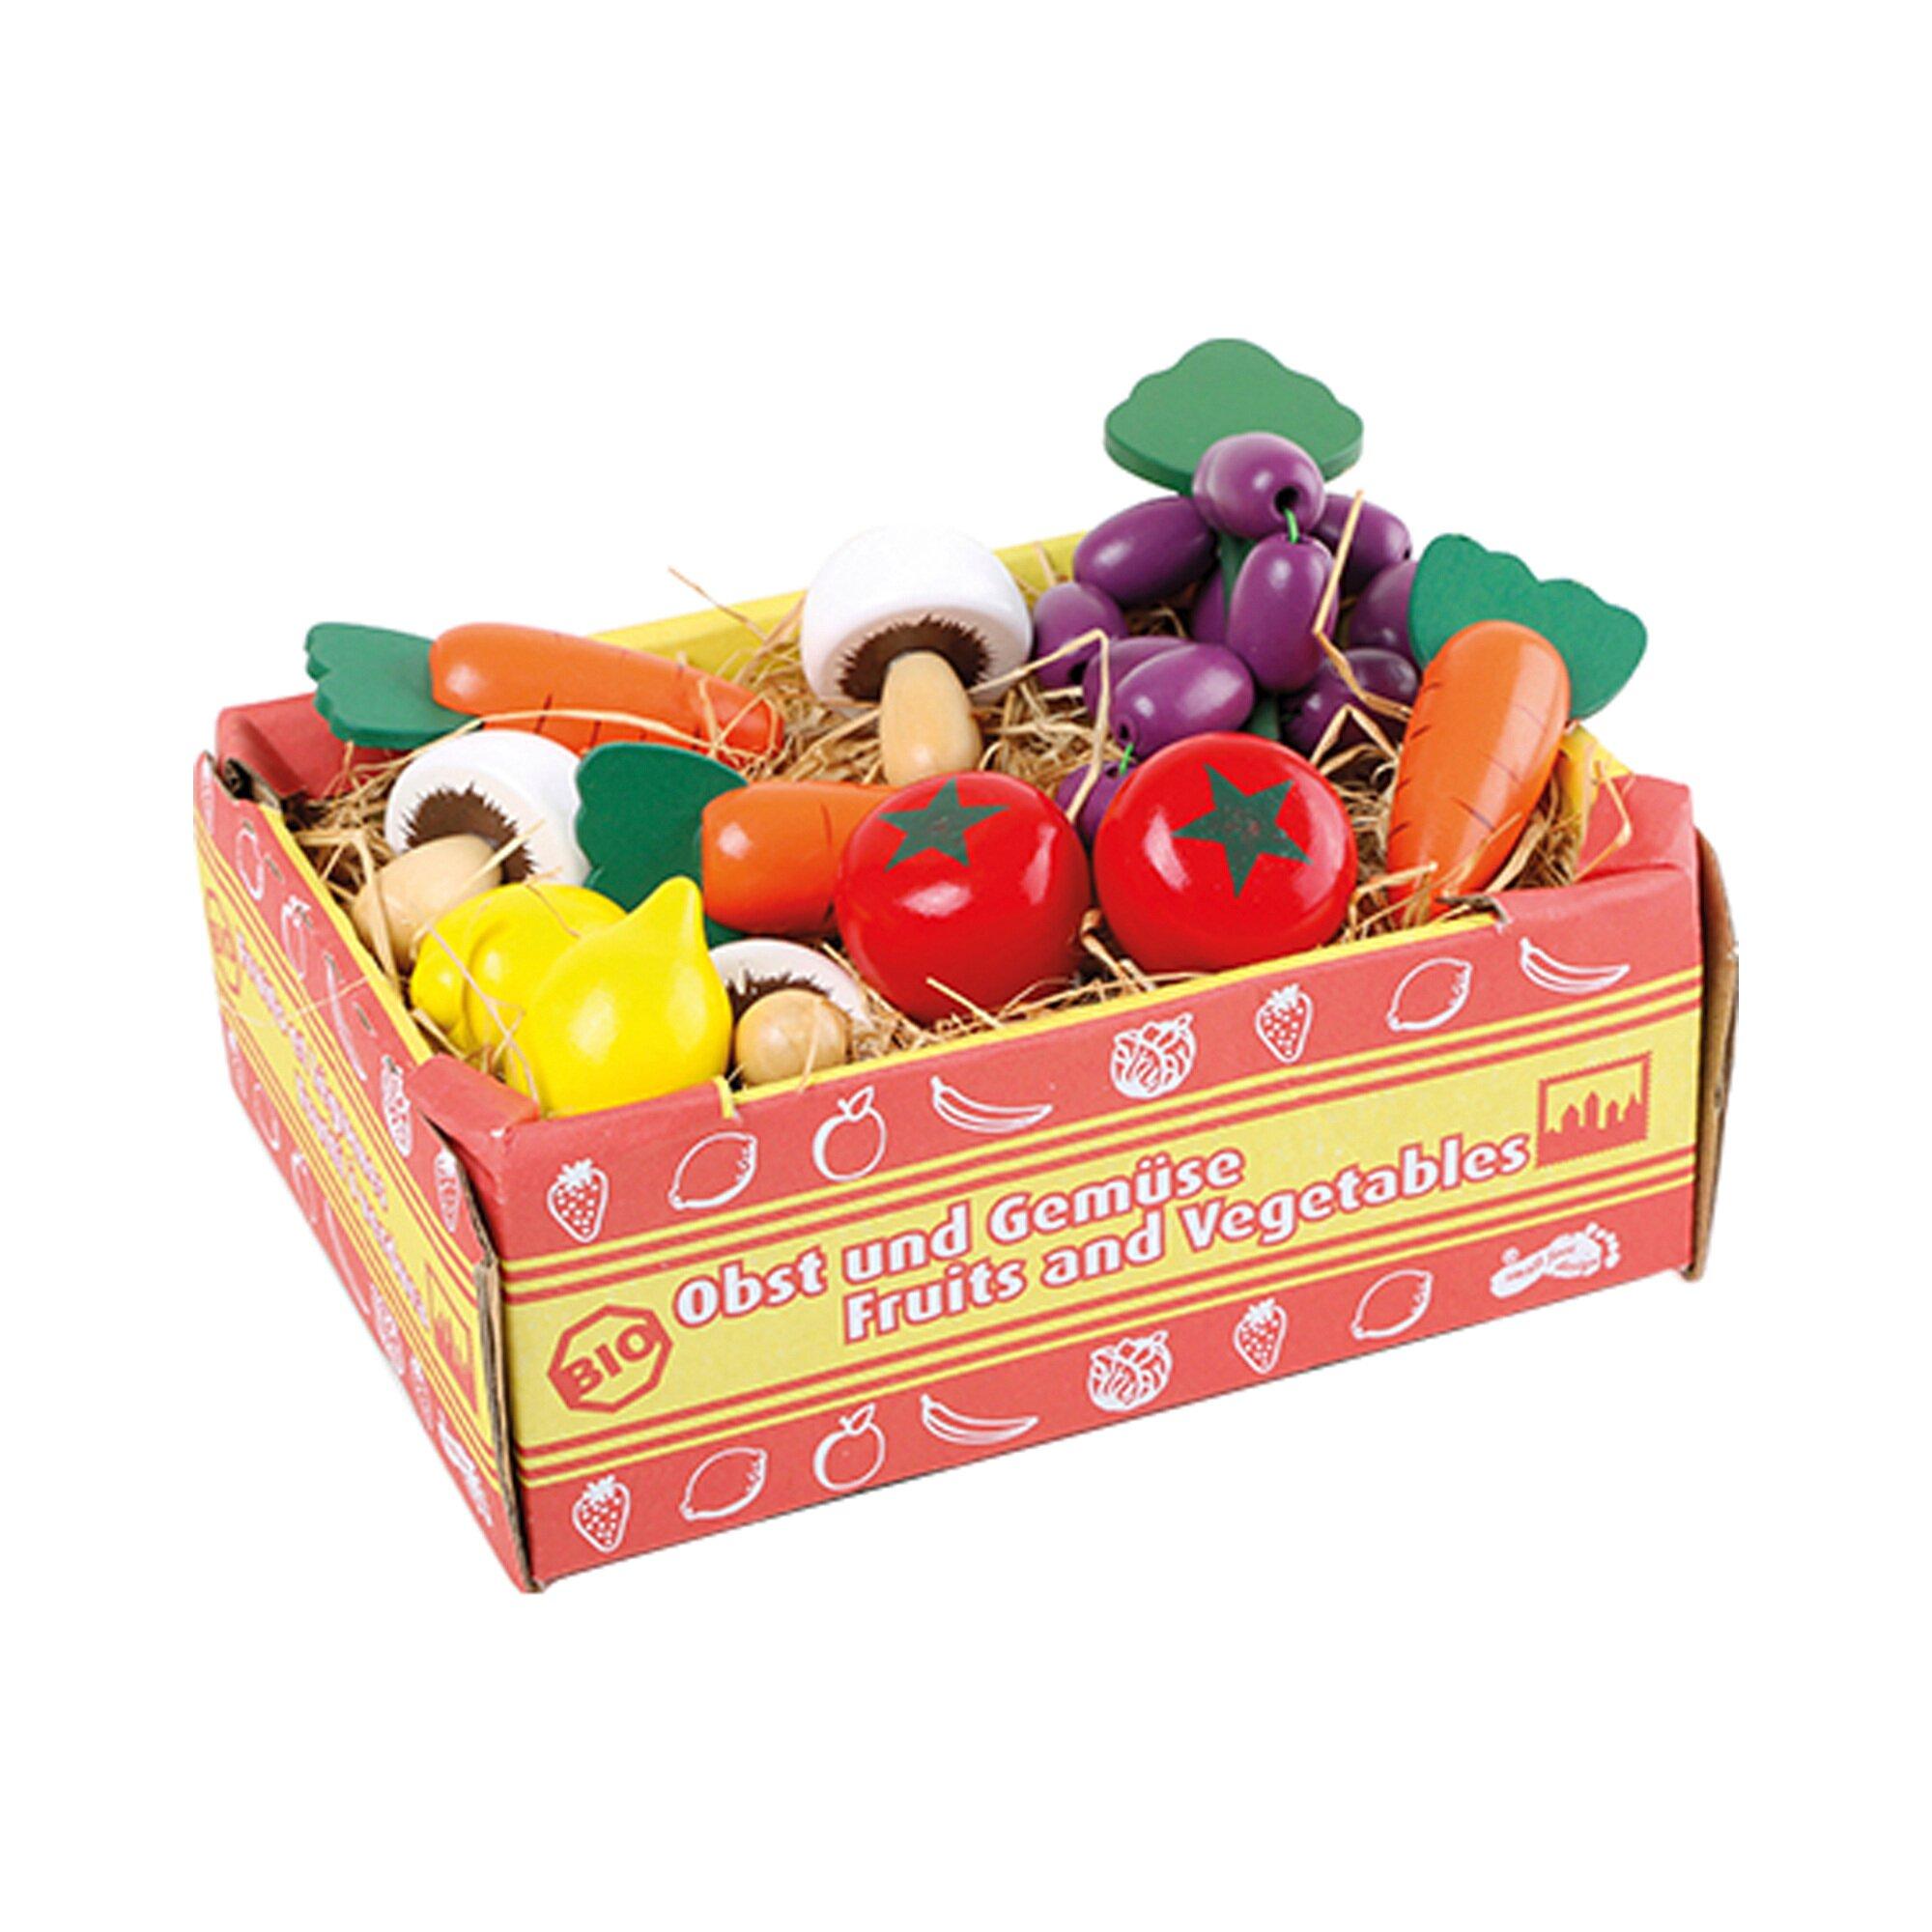 Small Foot Kiste mit Gemüse und Obst